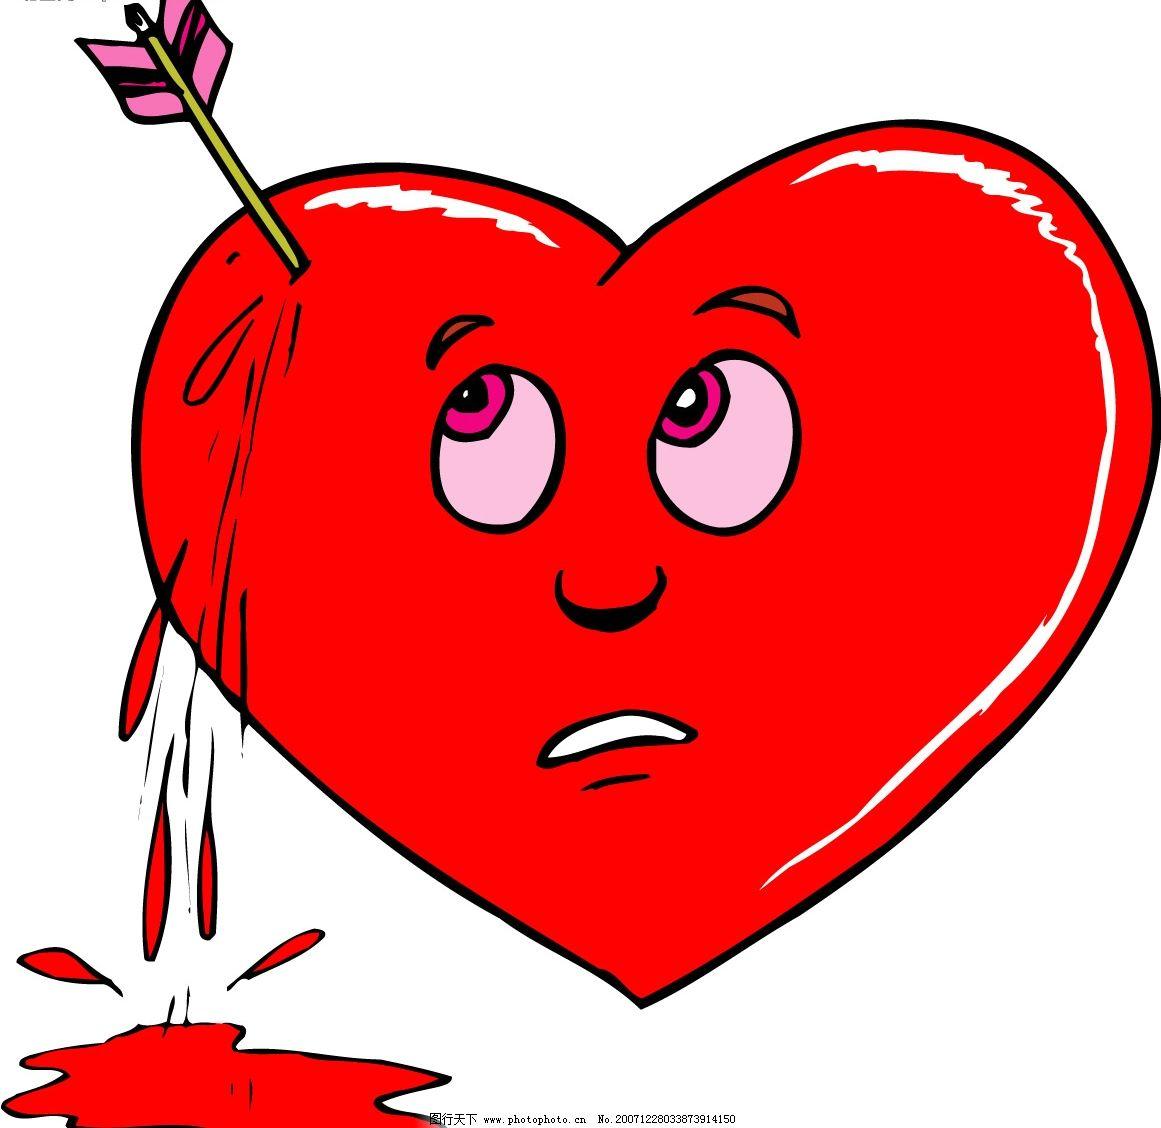 心型素材 爱心 情人节素材